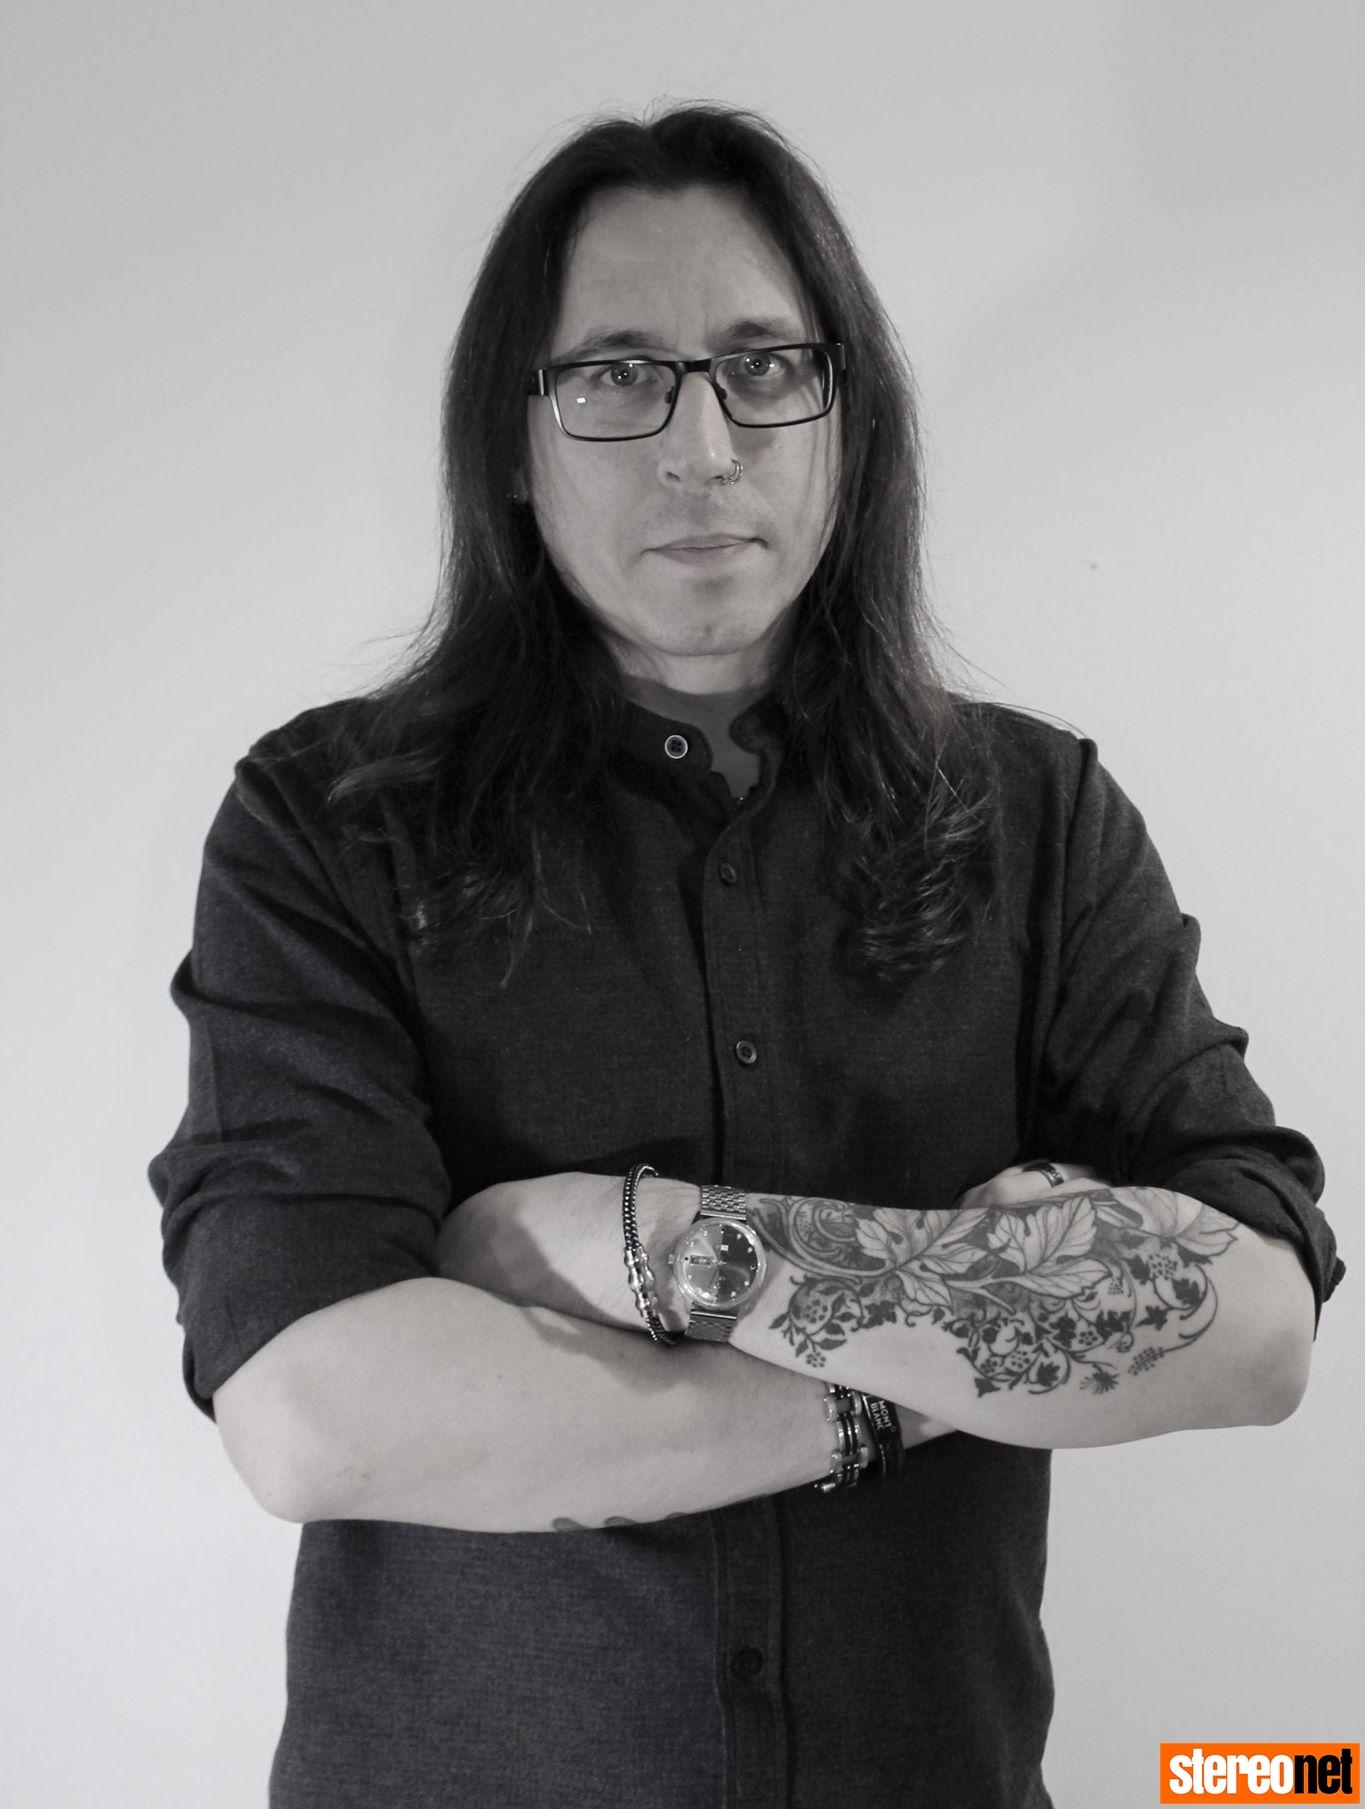 StereoNET UK Editor, Jay Garrett